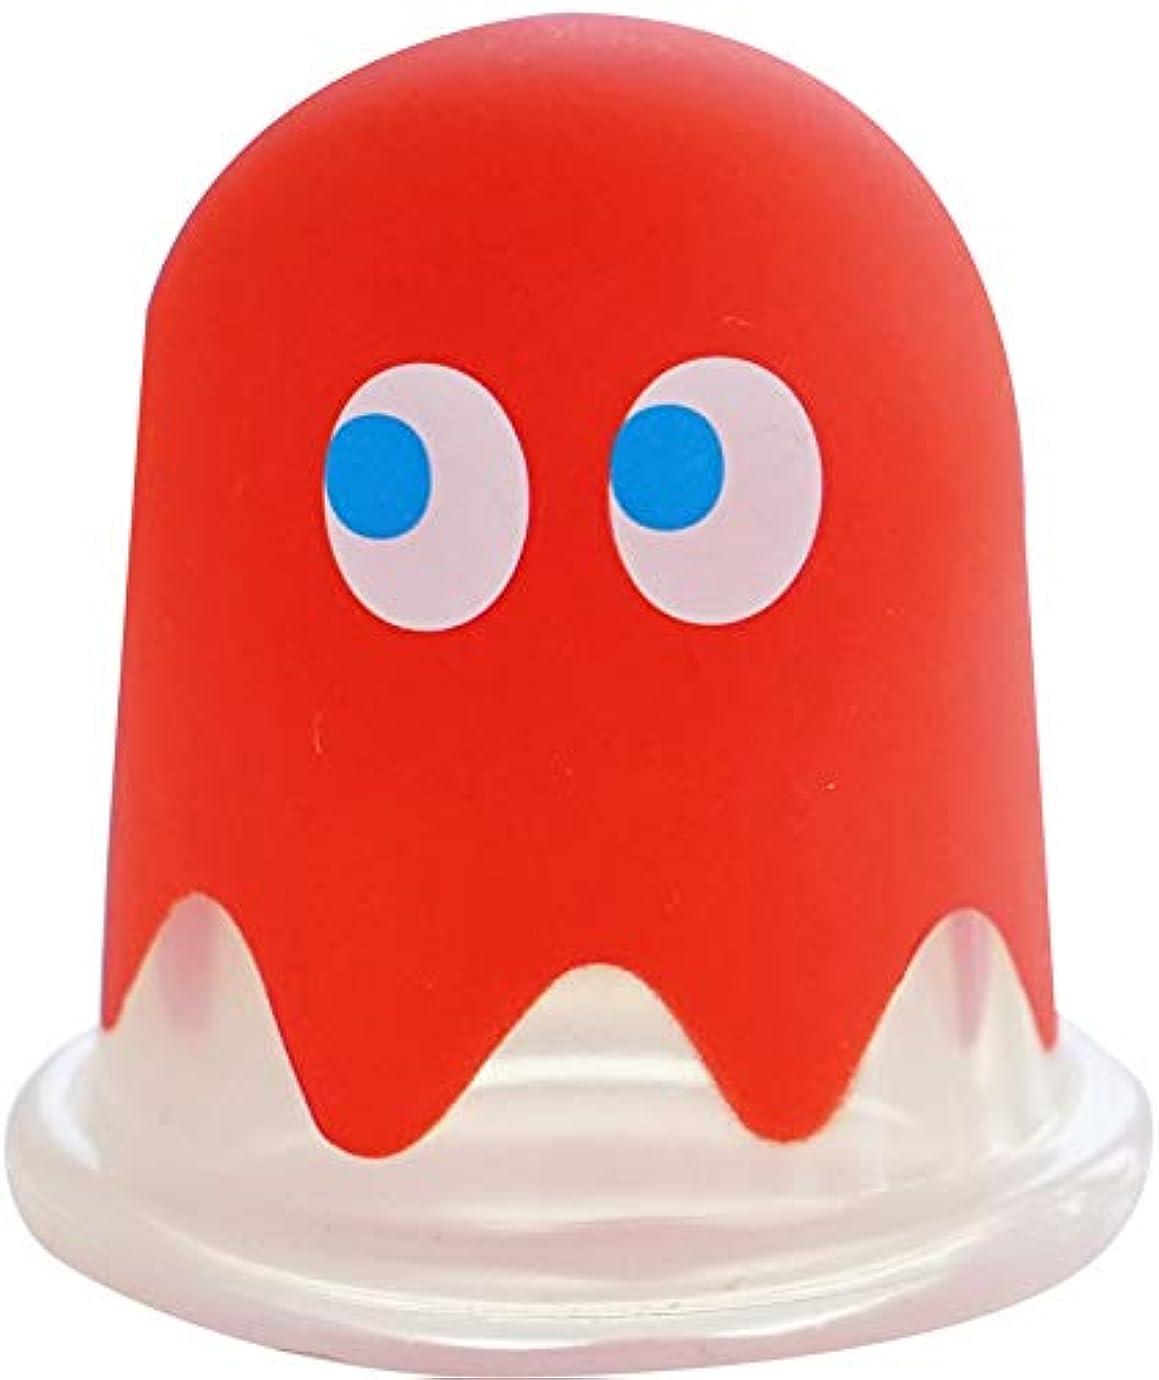 メロディアス少年侵略セルカップ RED-レッド